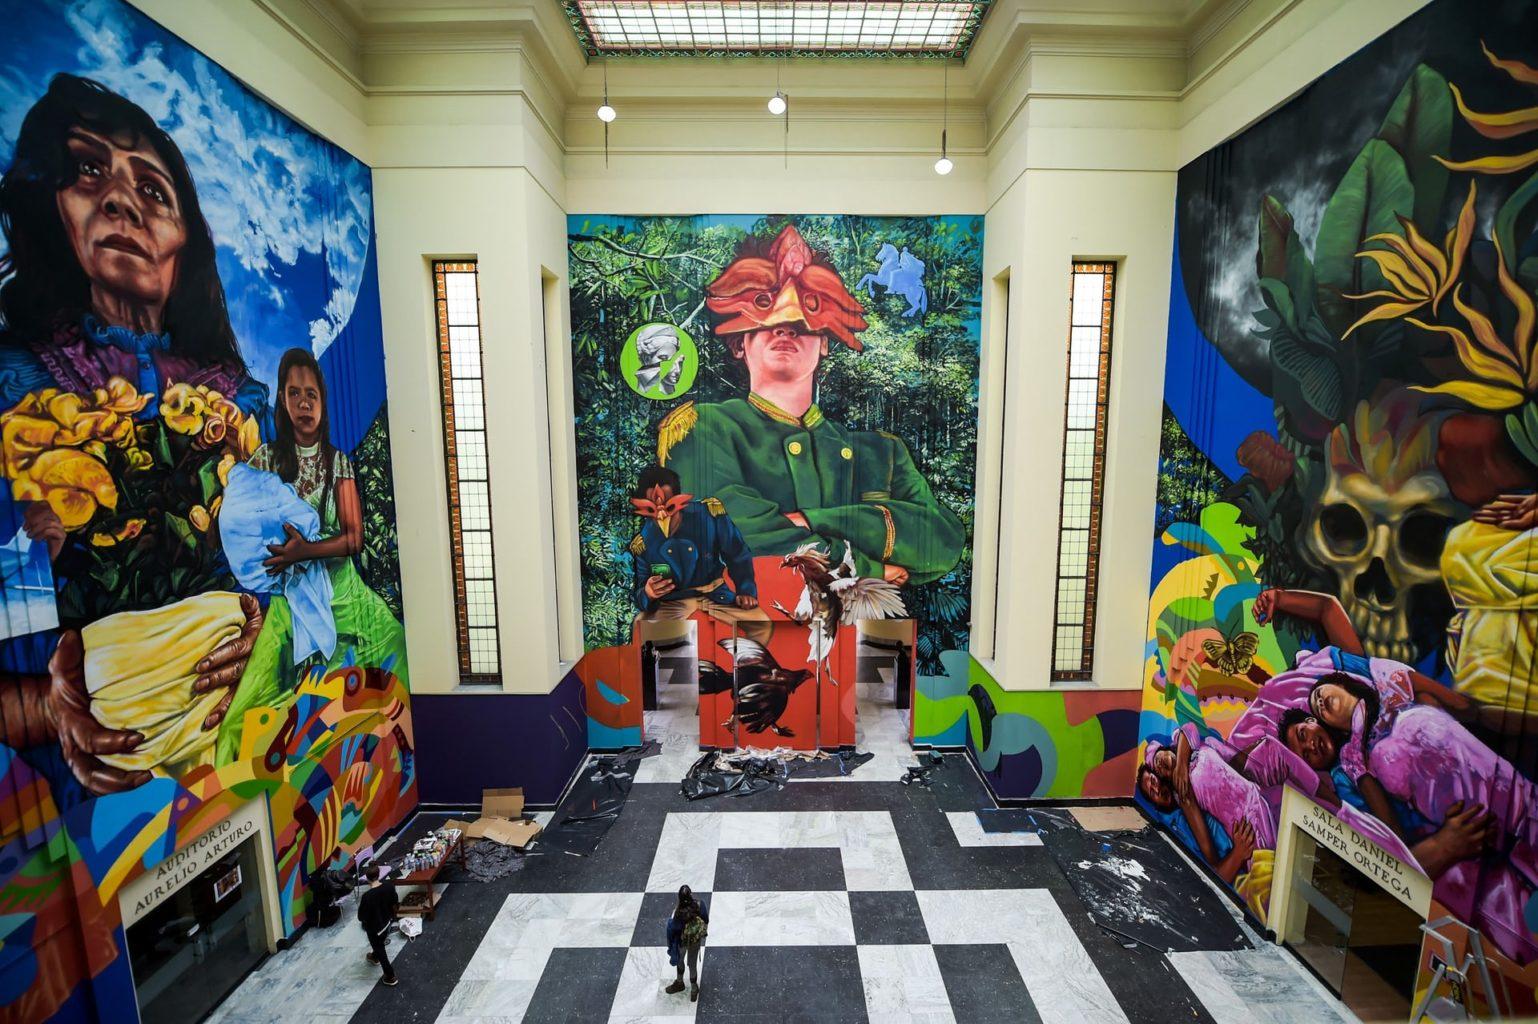 Фрески художника Оскара Гонсалеса «Гуаче» и Эндрю Писакане «Гайя»